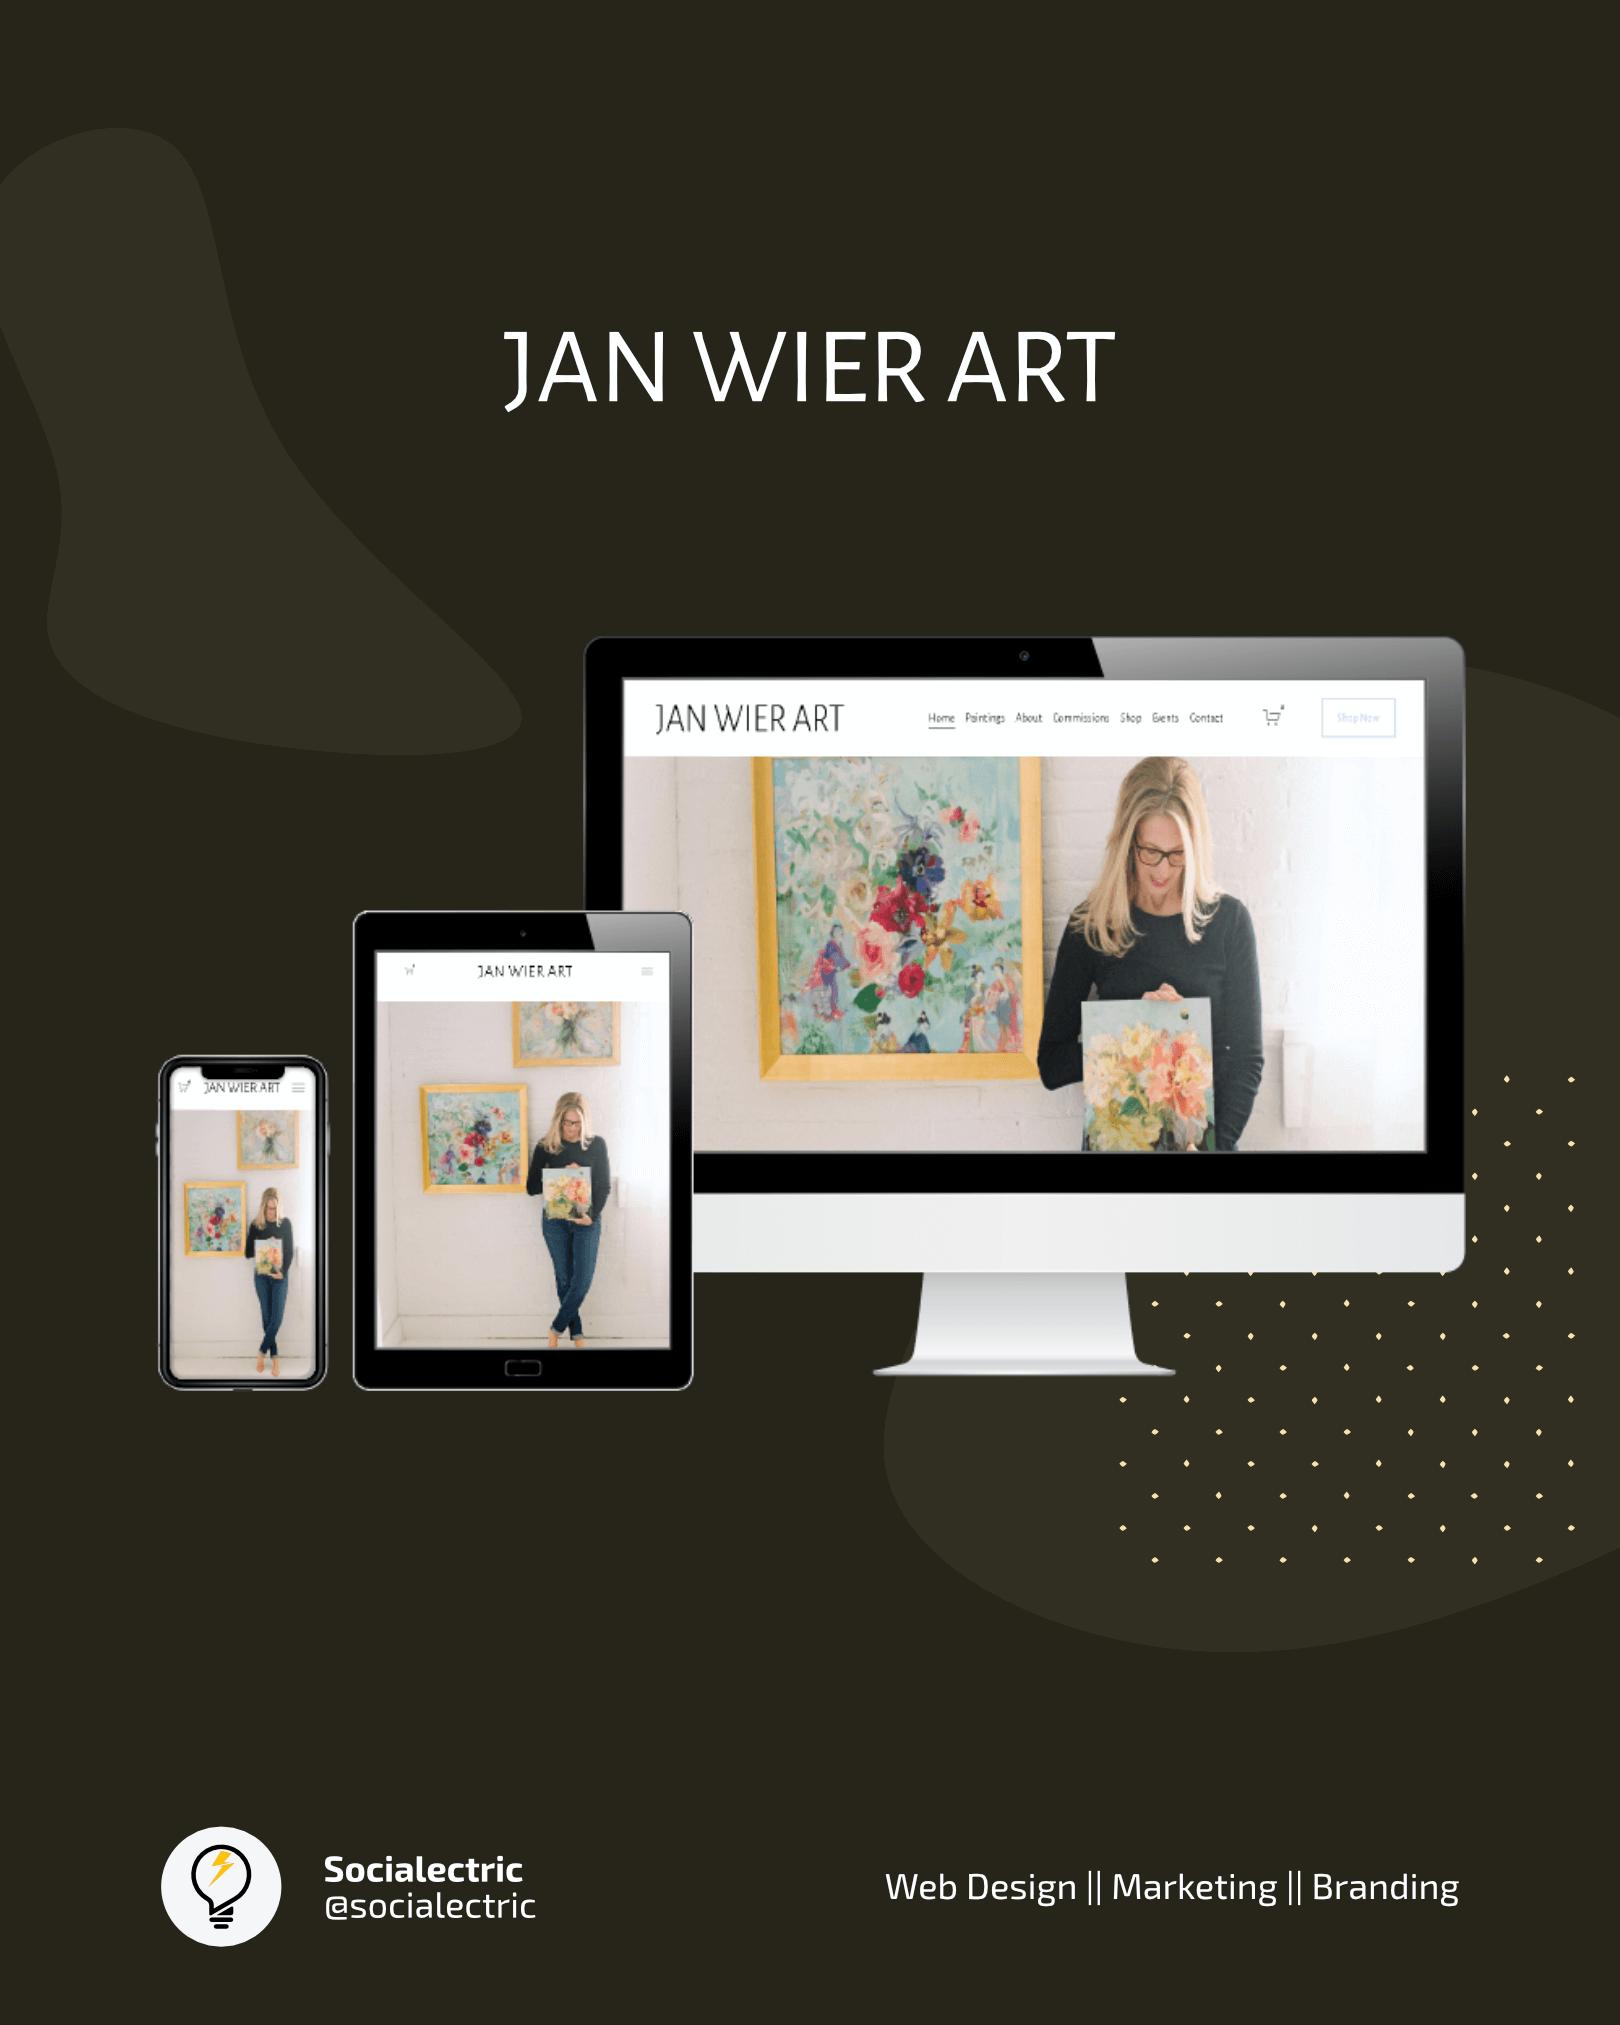 Jan Wier Art